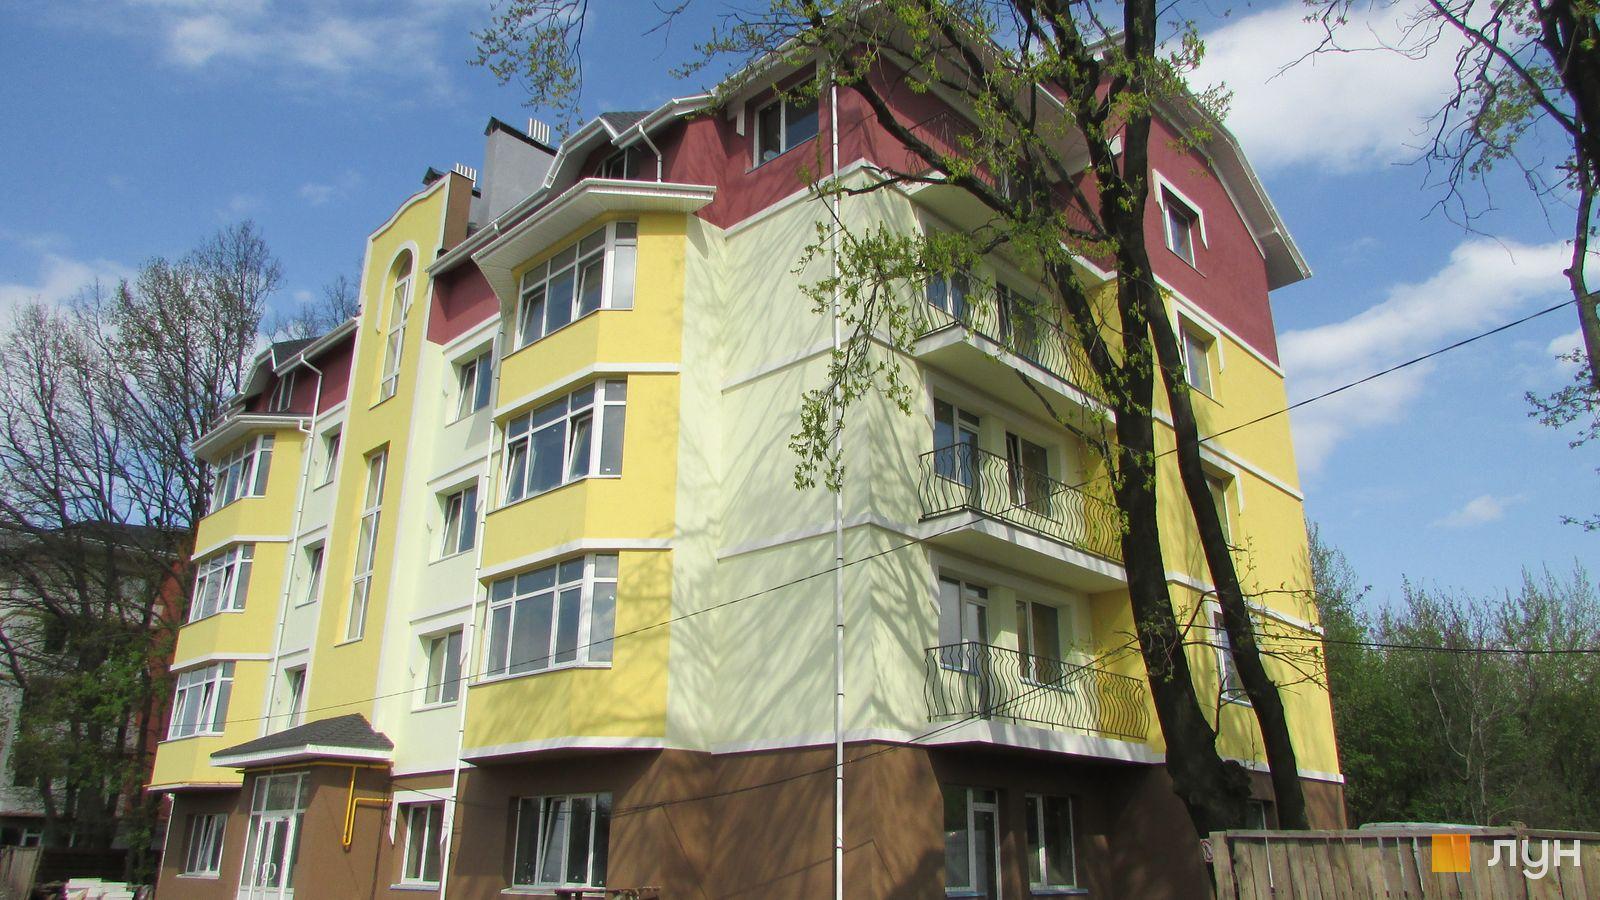 Ход строительства ЖК Ваша квартира, ул. Абрикосовая, 6, апрель 2016